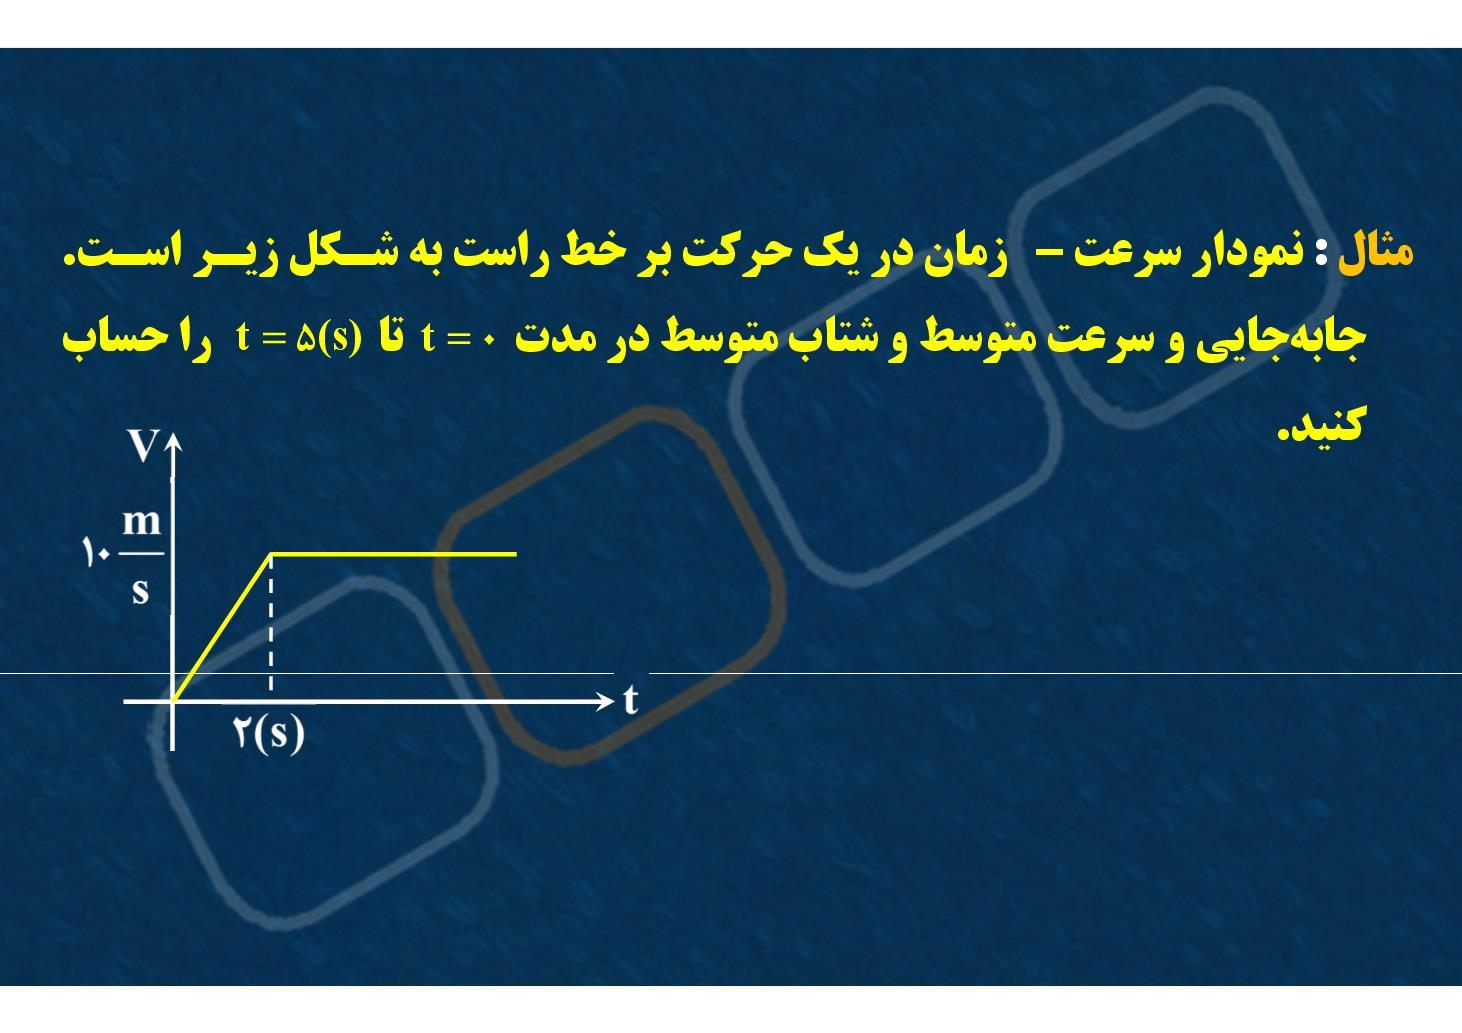 فیزیک٢- فصل ٢- نمودارسرعت- زمان- بخش ١ (PDF)